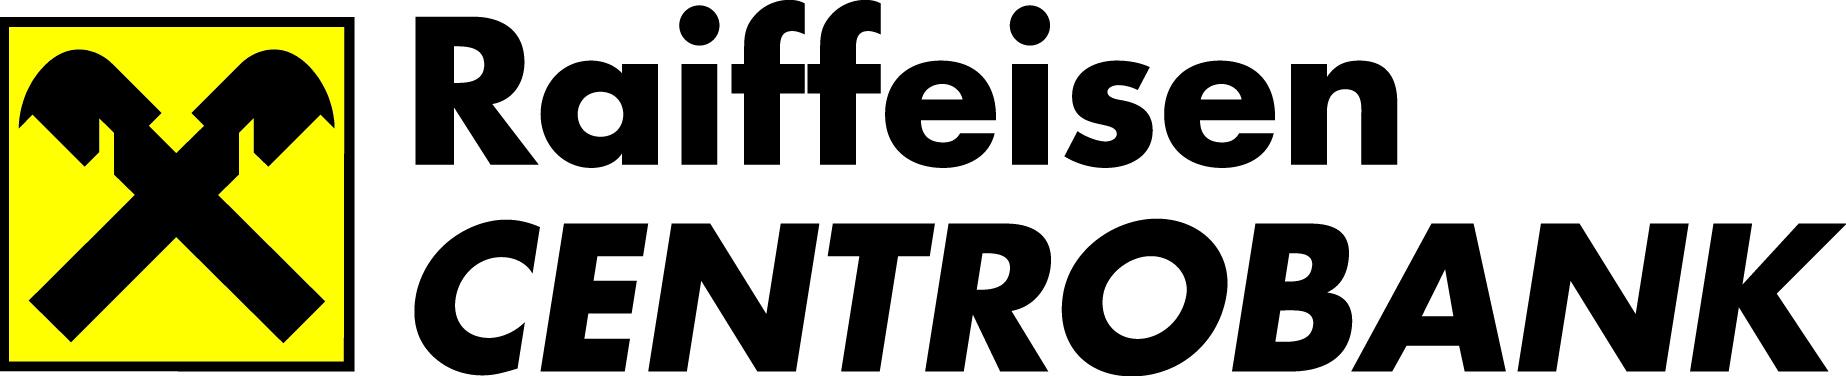 Certyfikaty strukturyzowane Raiffeisen Centrobank dołączyły do naszej oferty